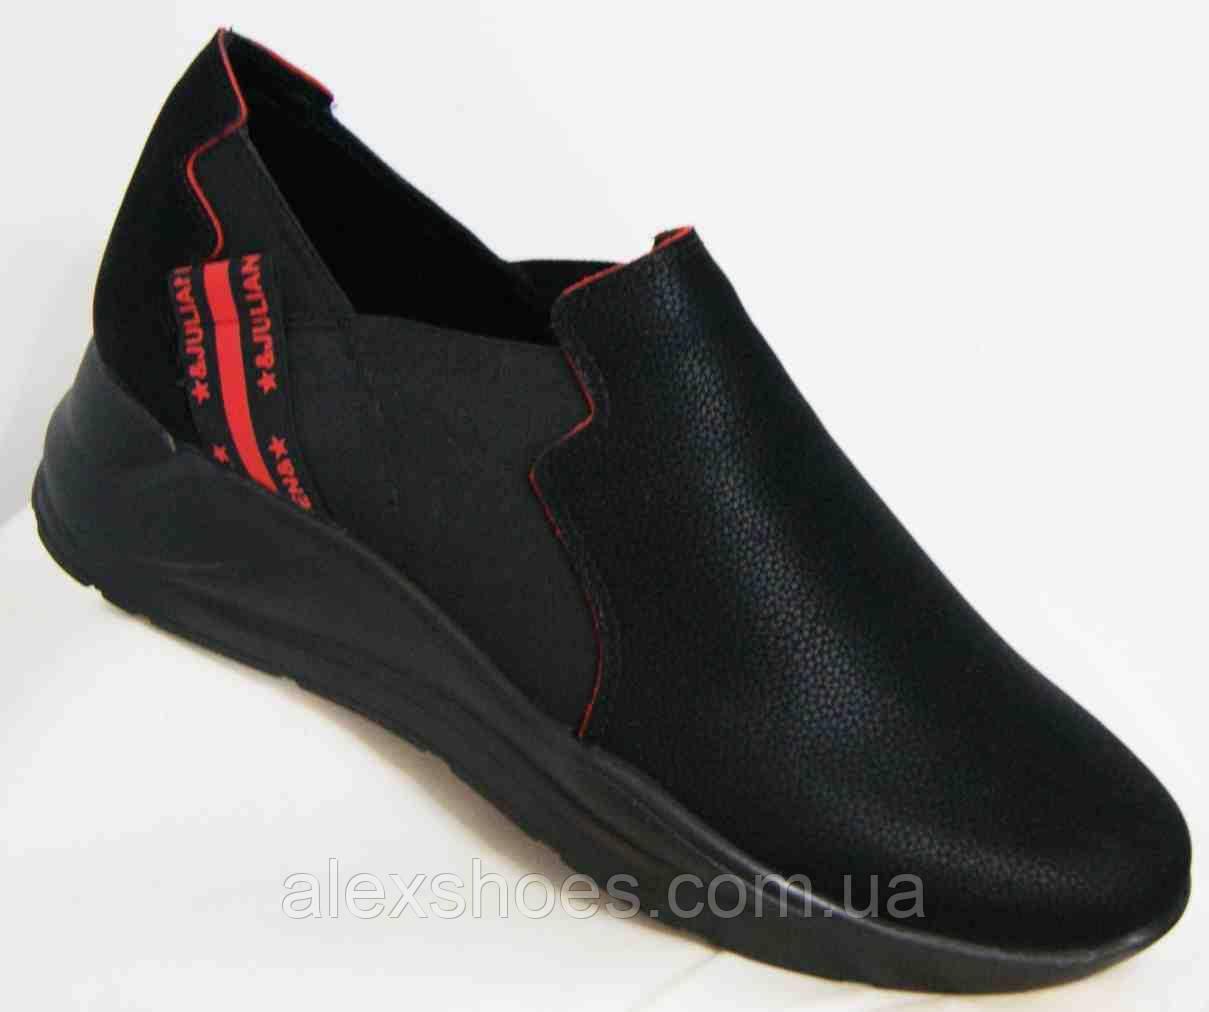 Туфли женские большого размера из натуральной кожи от производителя модель В5236-15